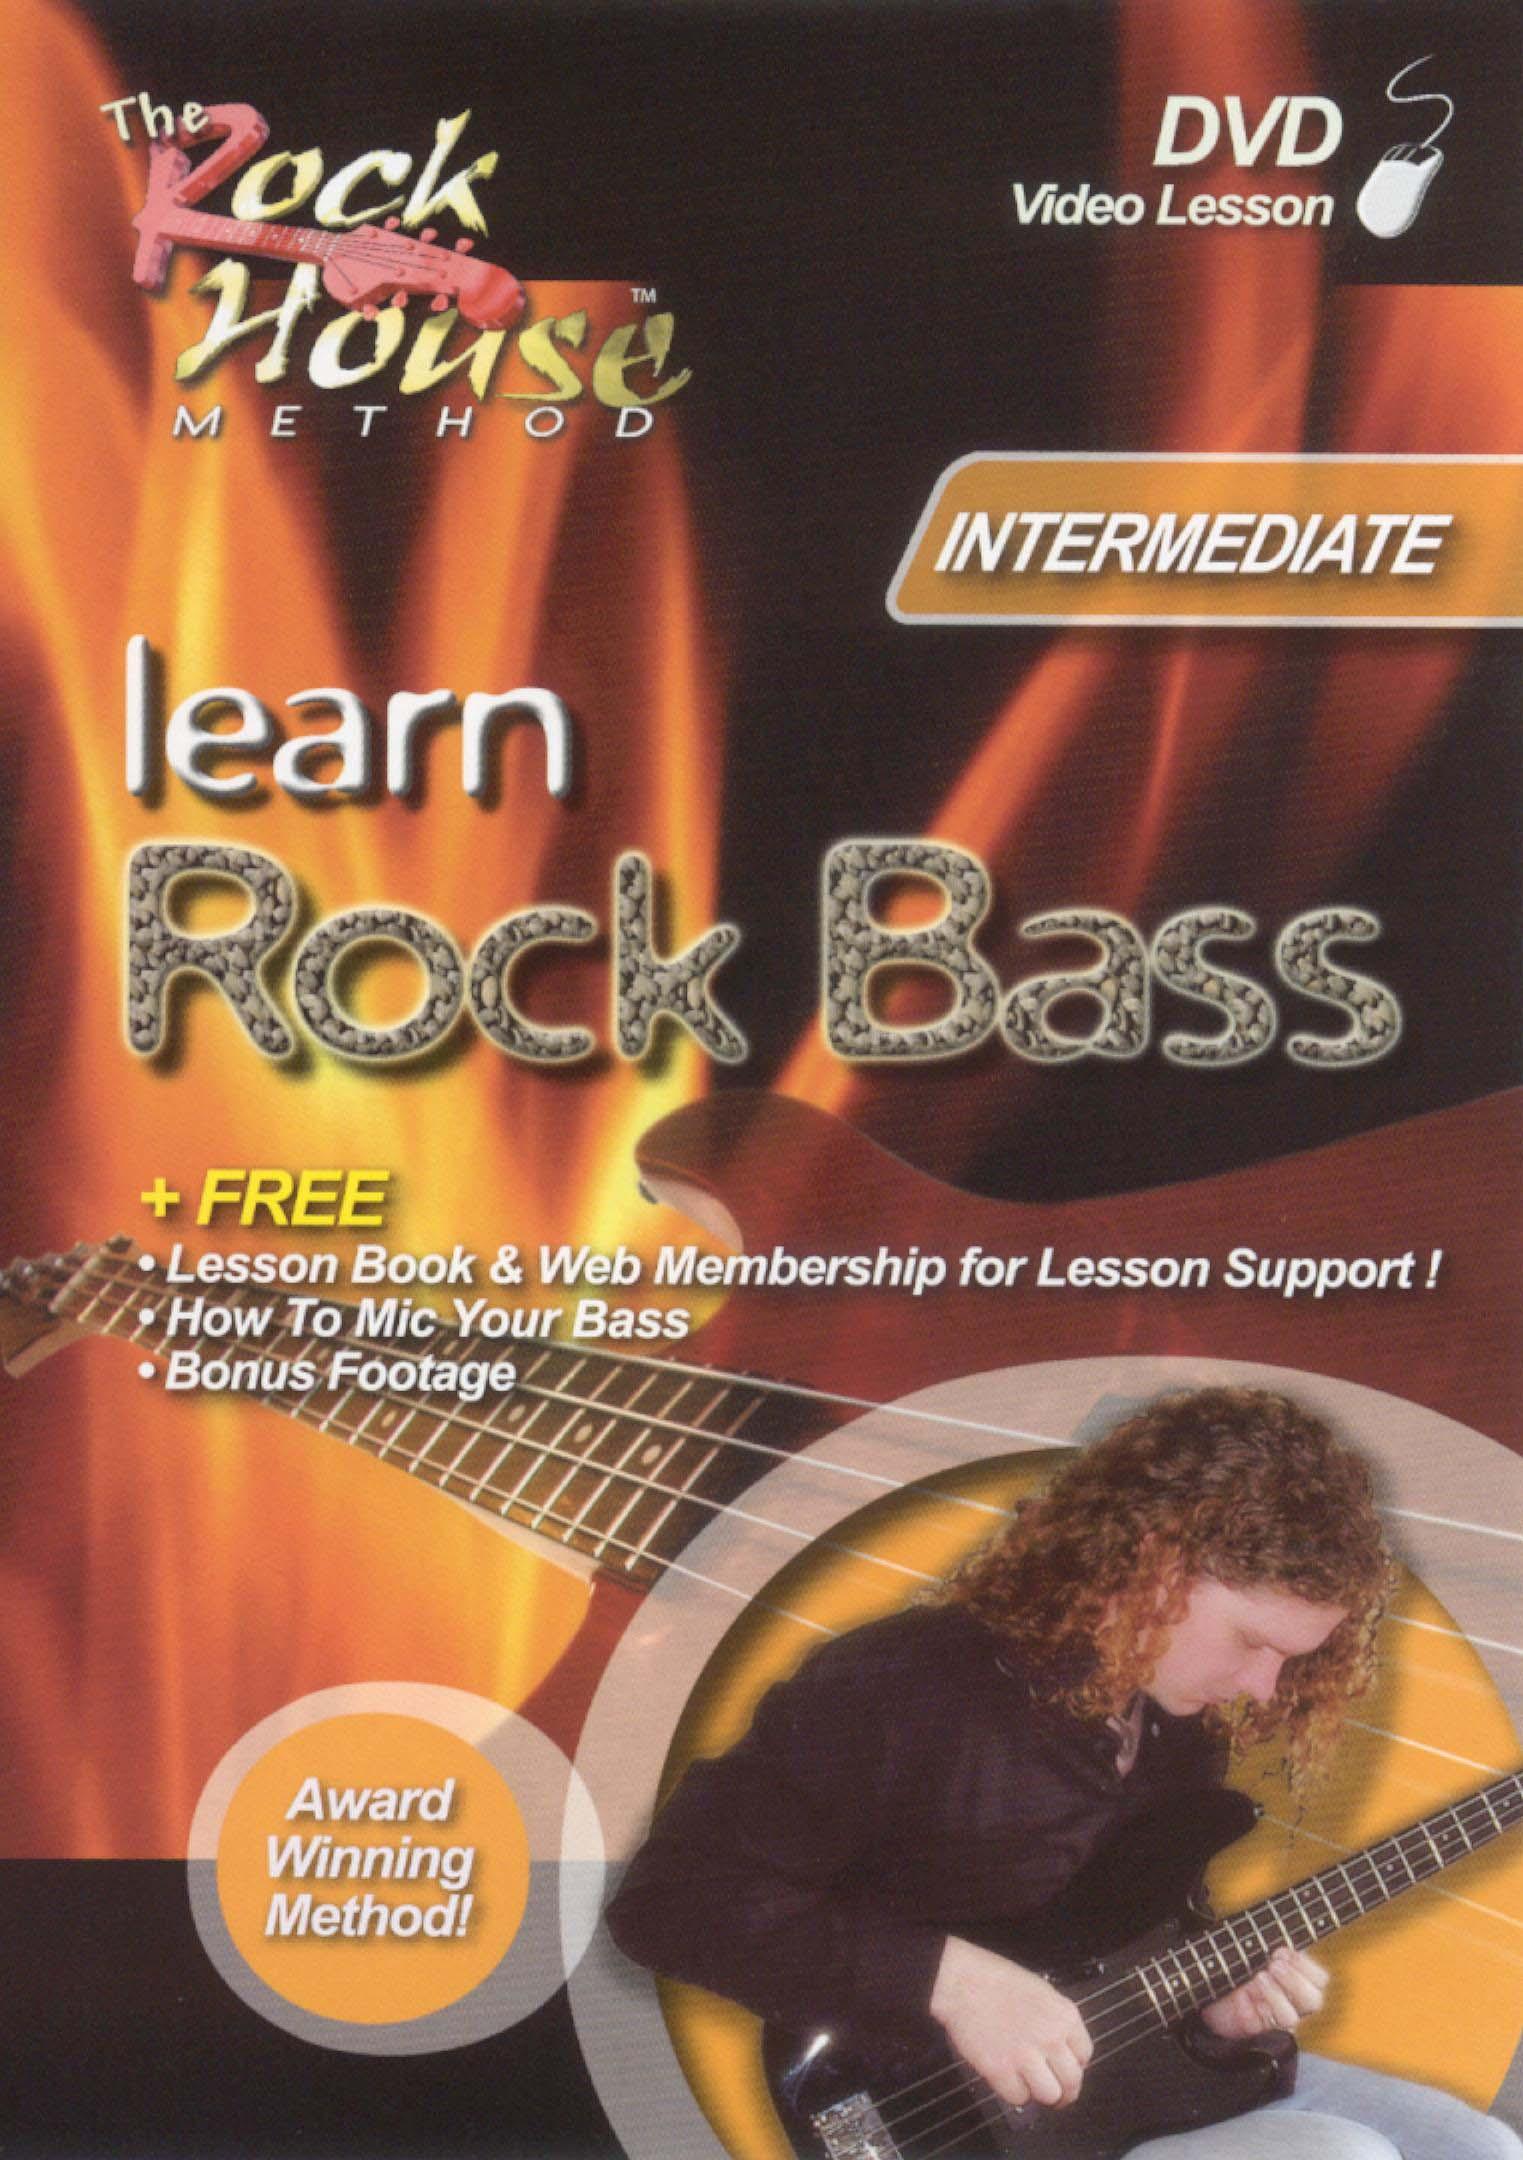 The Rock House Method: Learn Rock Bass - Intermediate